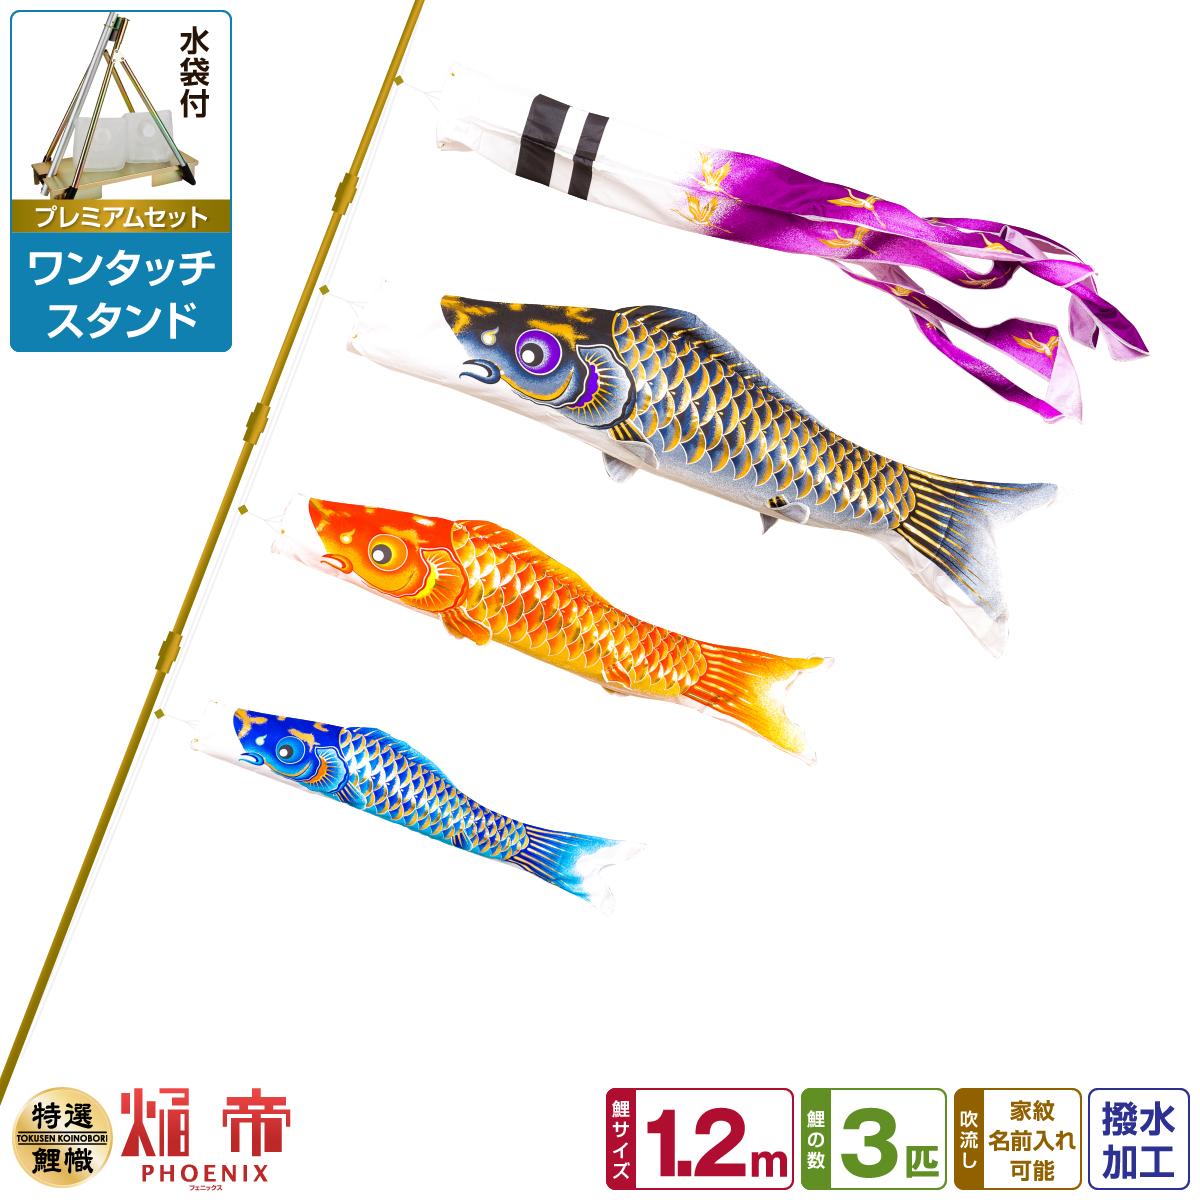 ベランダ用 こいのぼり 鯉のぼり 焔帝鯉フェニックス 1.2m 6点(吹流し+鯉3匹+矢車+ロープ)/プレミアムセット(ワンタッチスタンド)